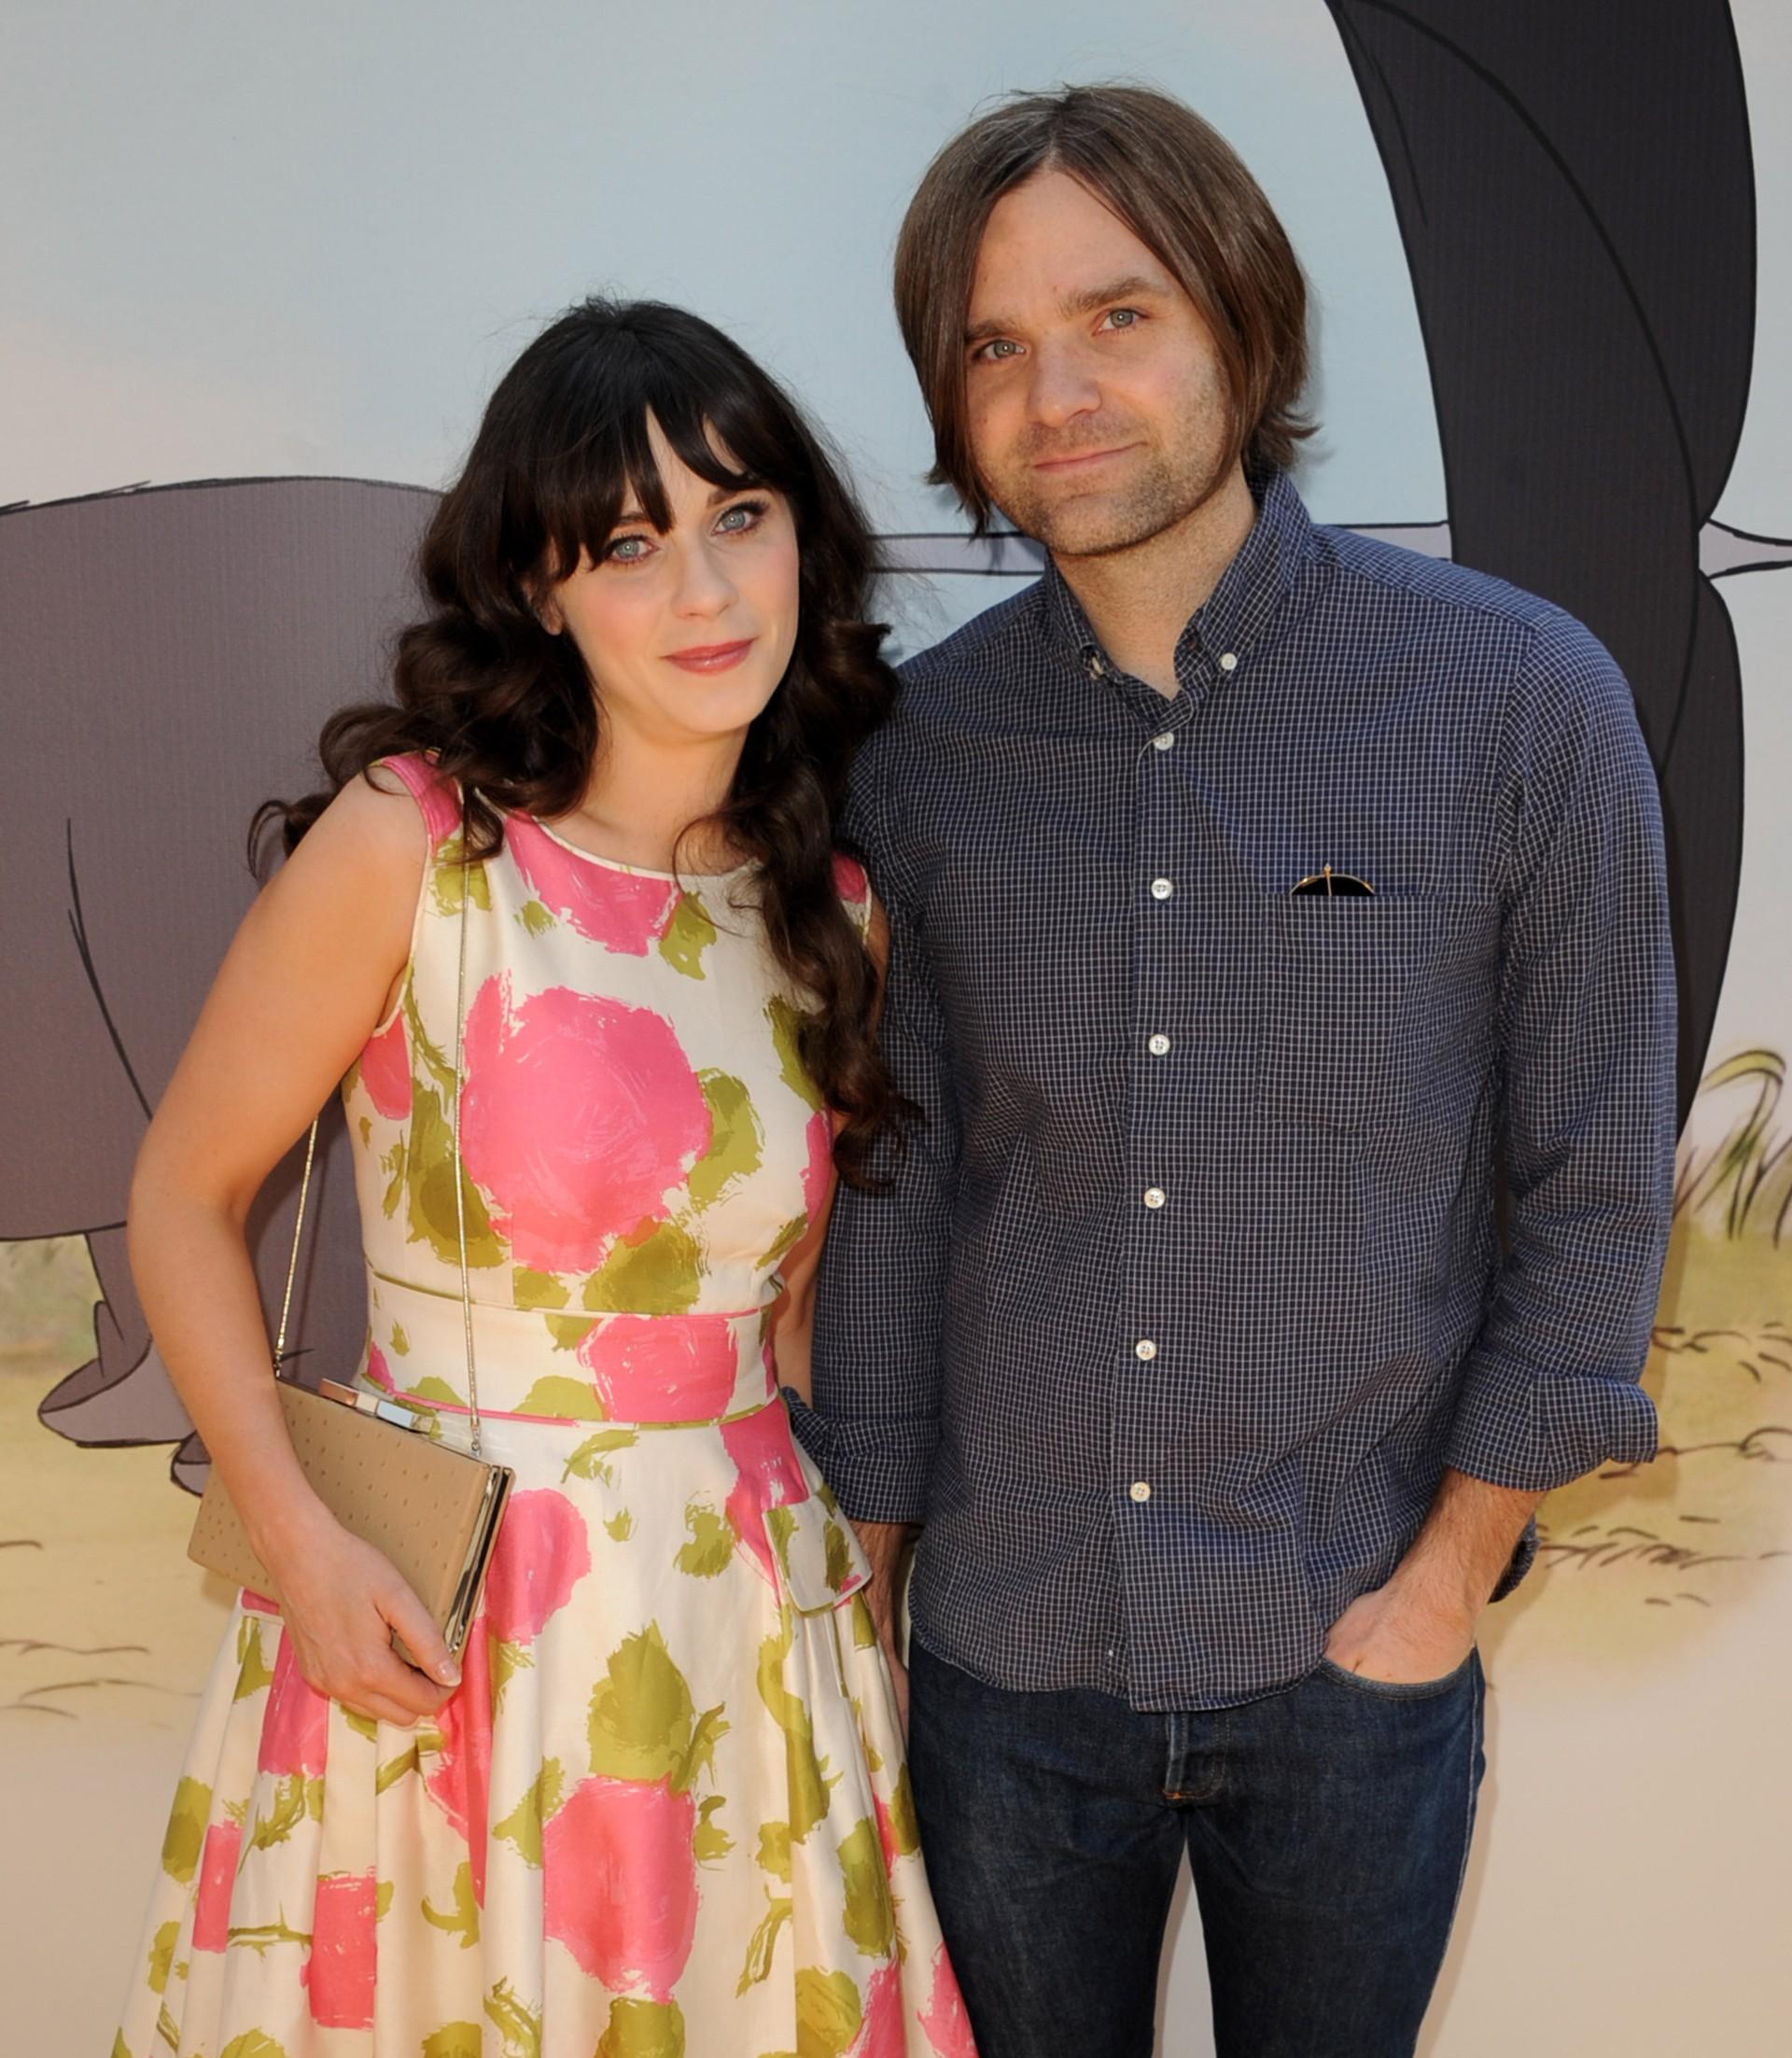 Os atores casaram-se em 19 de Setembro de 2009, em Seattle. Gibbard pediu a mão de Zooey com um anel Neil Lane 3. Eles se divorciaram em 2012. (Foto: Getty Images)